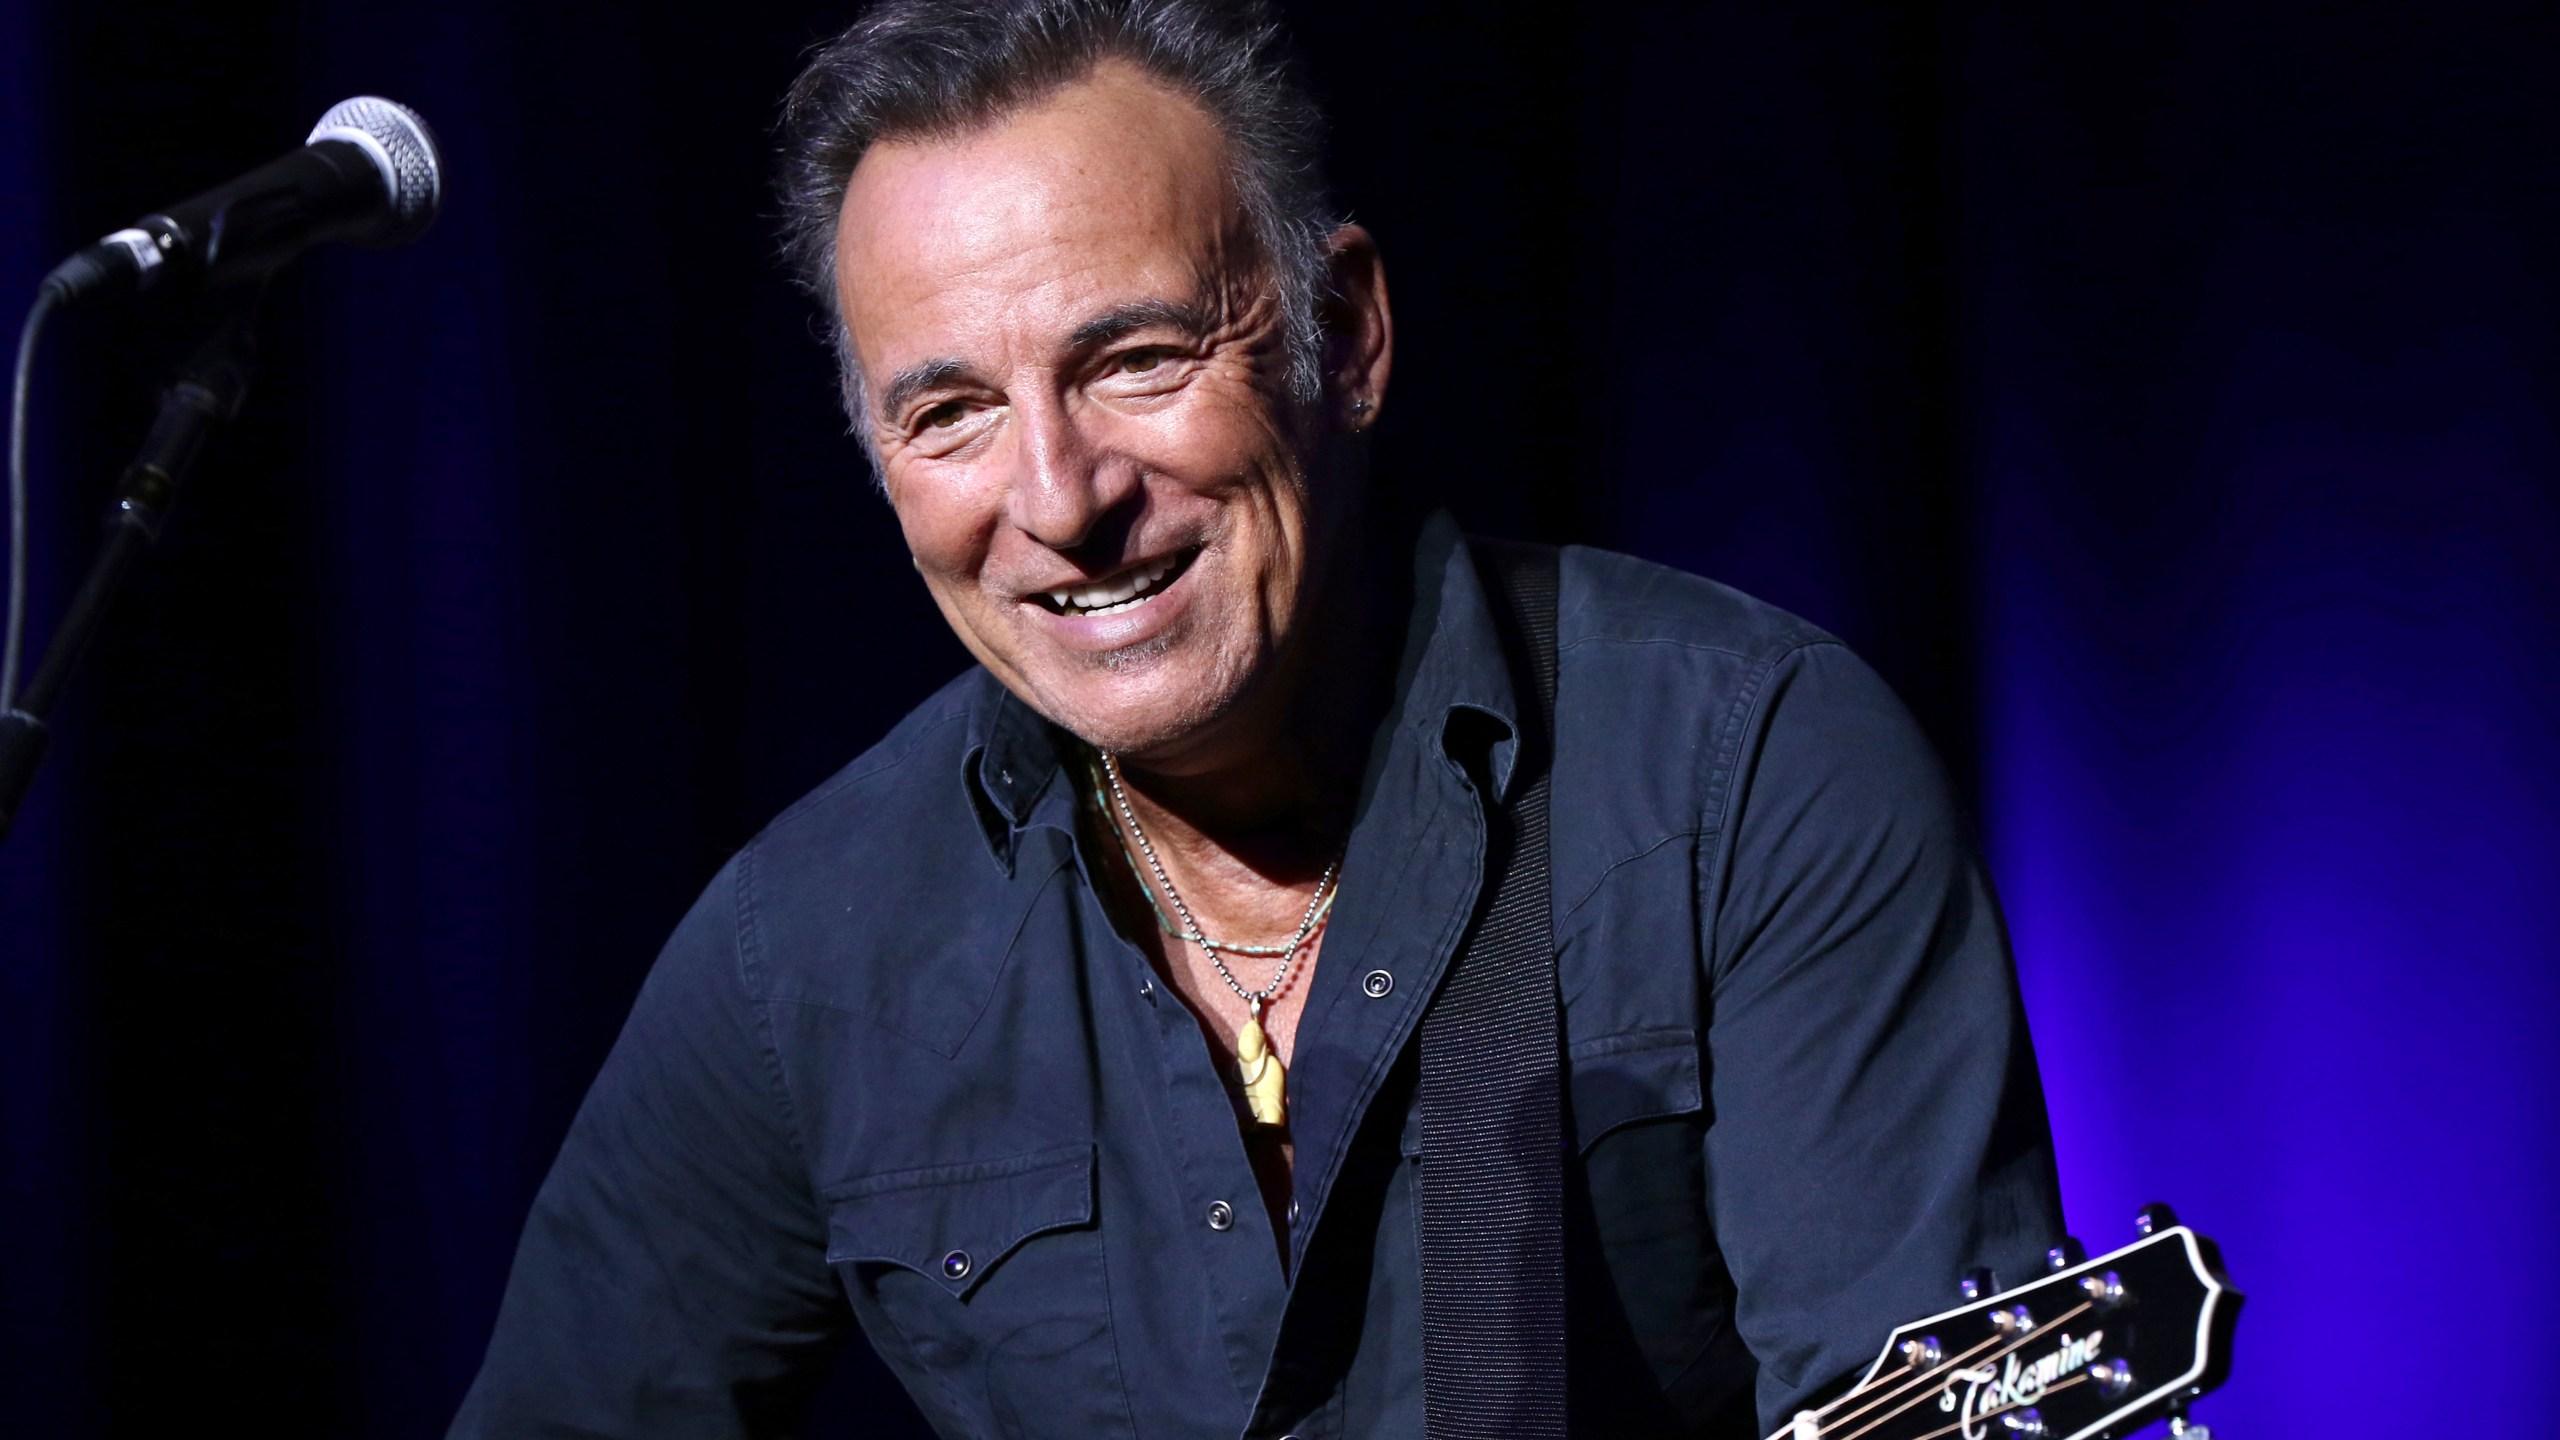 People_Bruce_Springsteen_41922-159532.jpg25567008